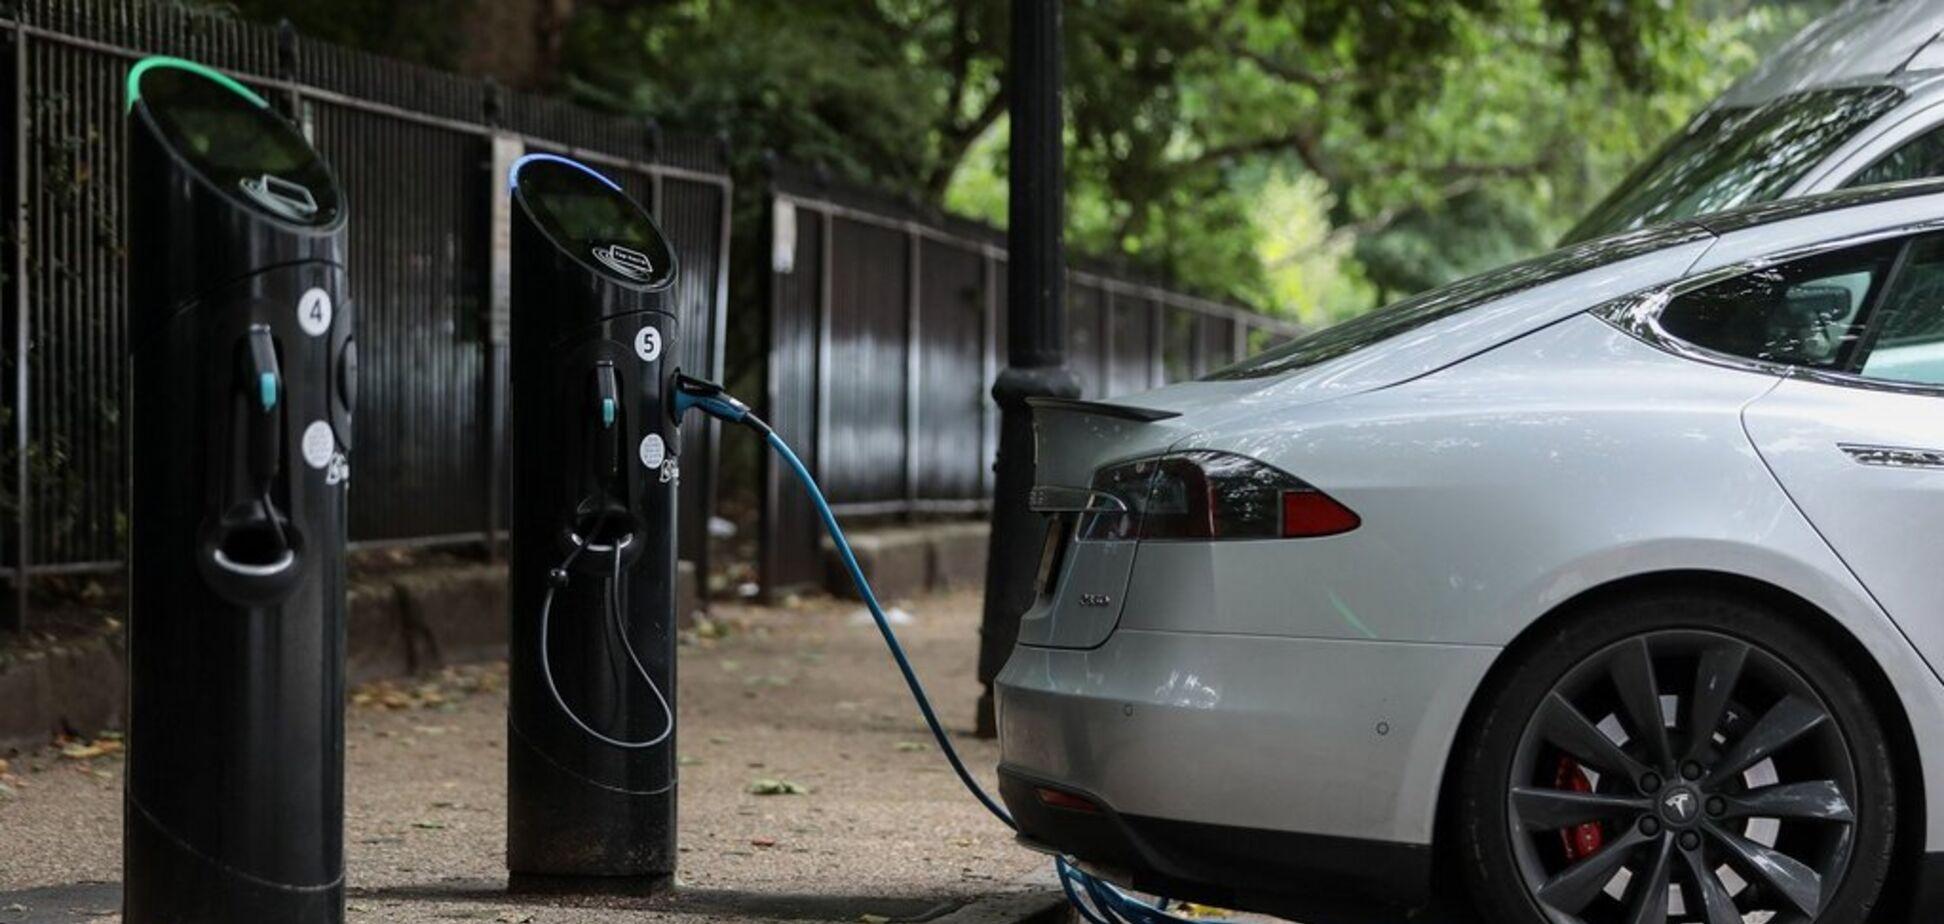 В Украине зафиксировали стремительный рост количества зарядок для электрокаров